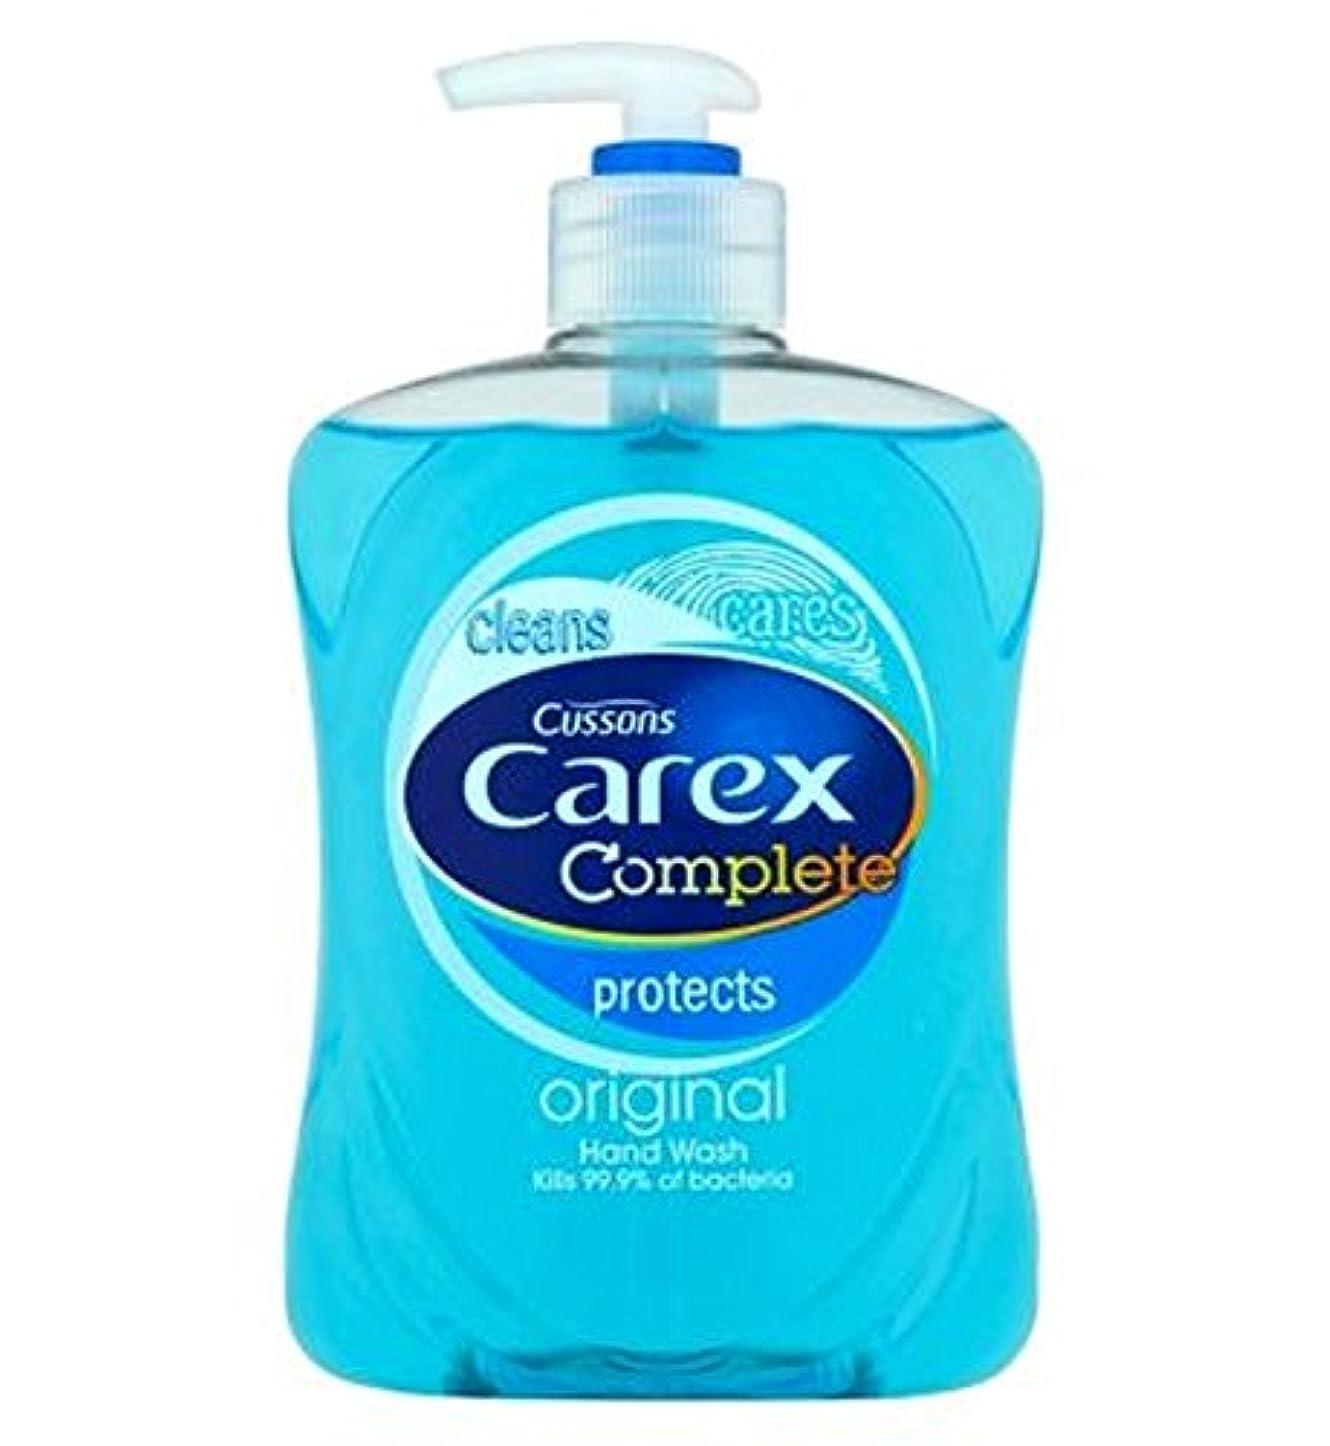 ペースト力強い老朽化したCarex Complete Original Hand Wash 500ml - スゲ属の完全オリジナルのハンドウォッシュ500ミリリットル (Carex) [並行輸入品]